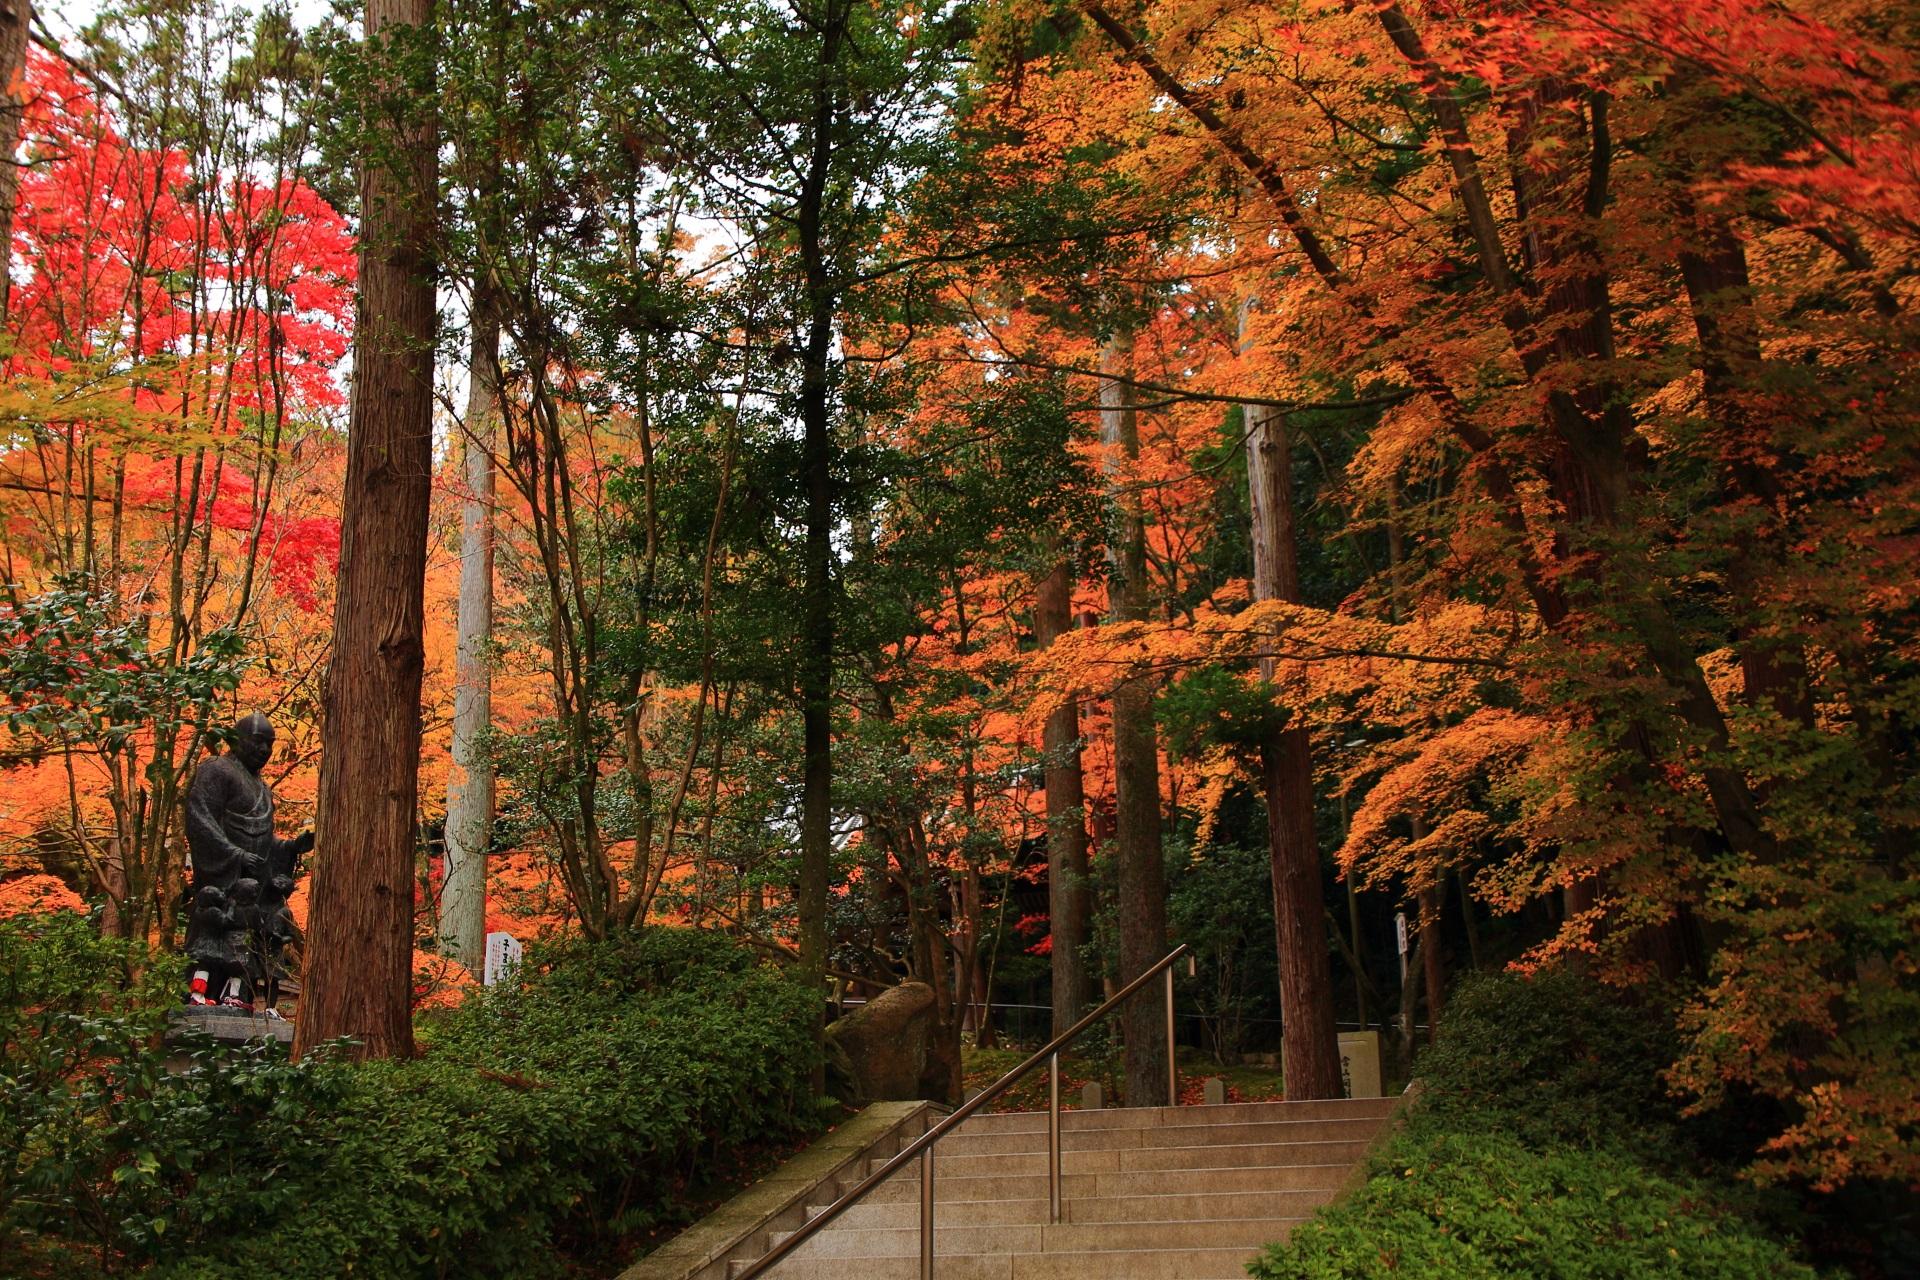 遠めから眺めた子護大師と周囲の紅葉